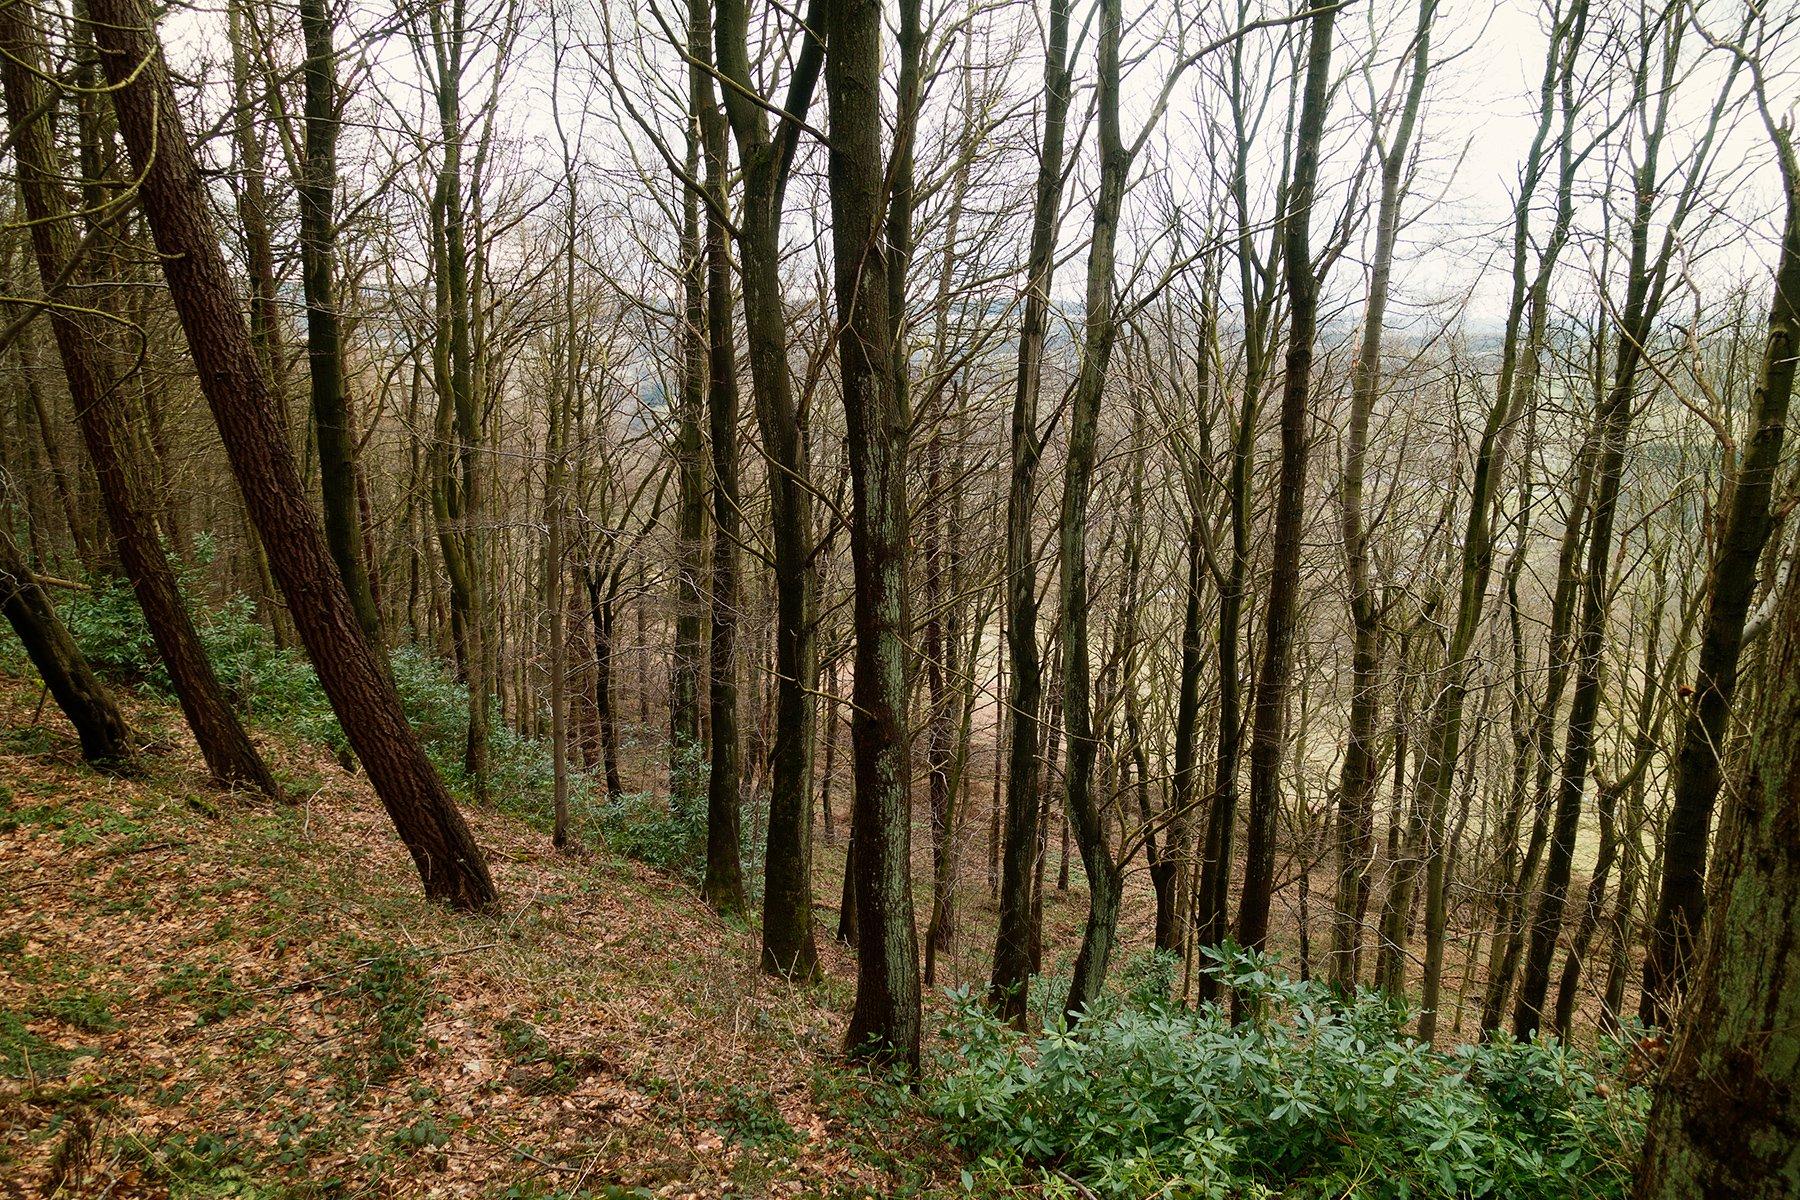 Chatsworth woods